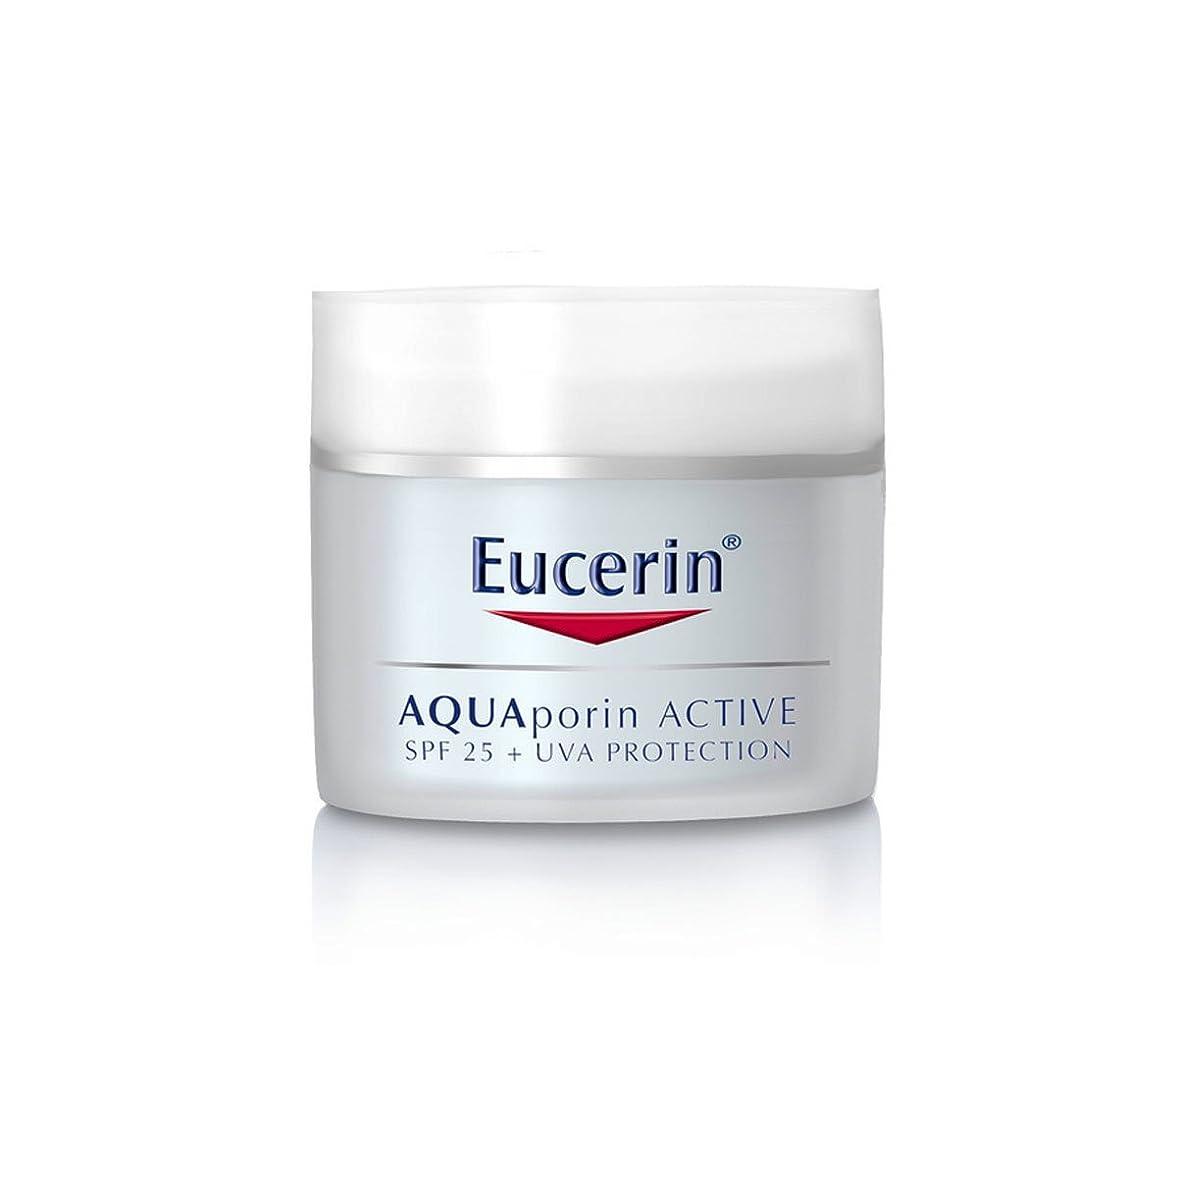 魔術膿瘍ゴムEucerin Aquaporin Active Spf25 50ml [並行輸入品]